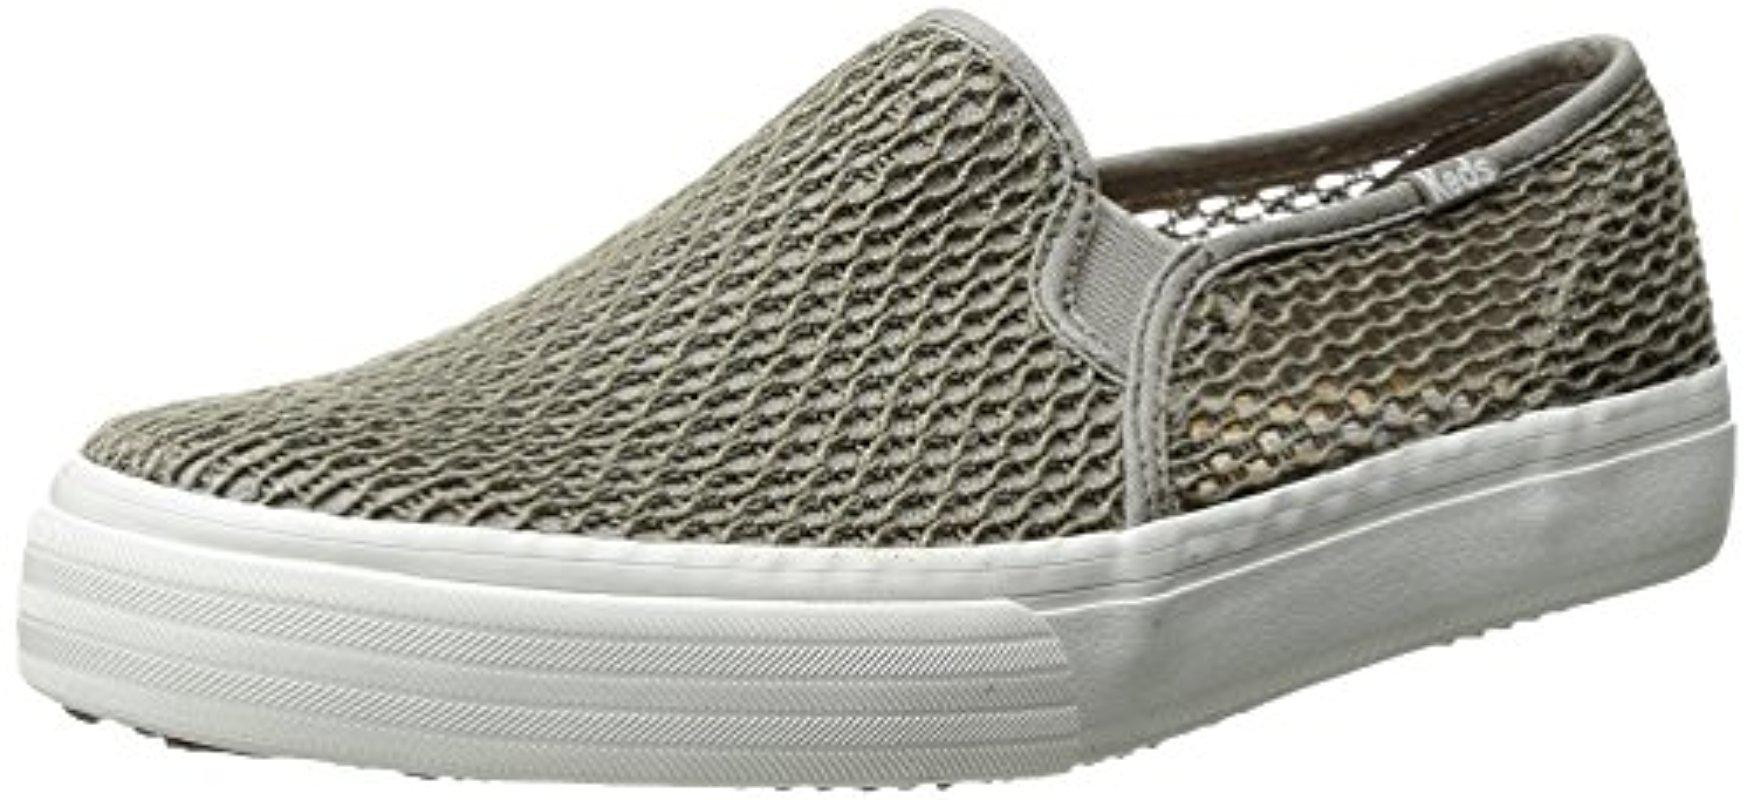 9dfeea37f Lyst - Keds Double Decker Crochet Fashion Sneaker